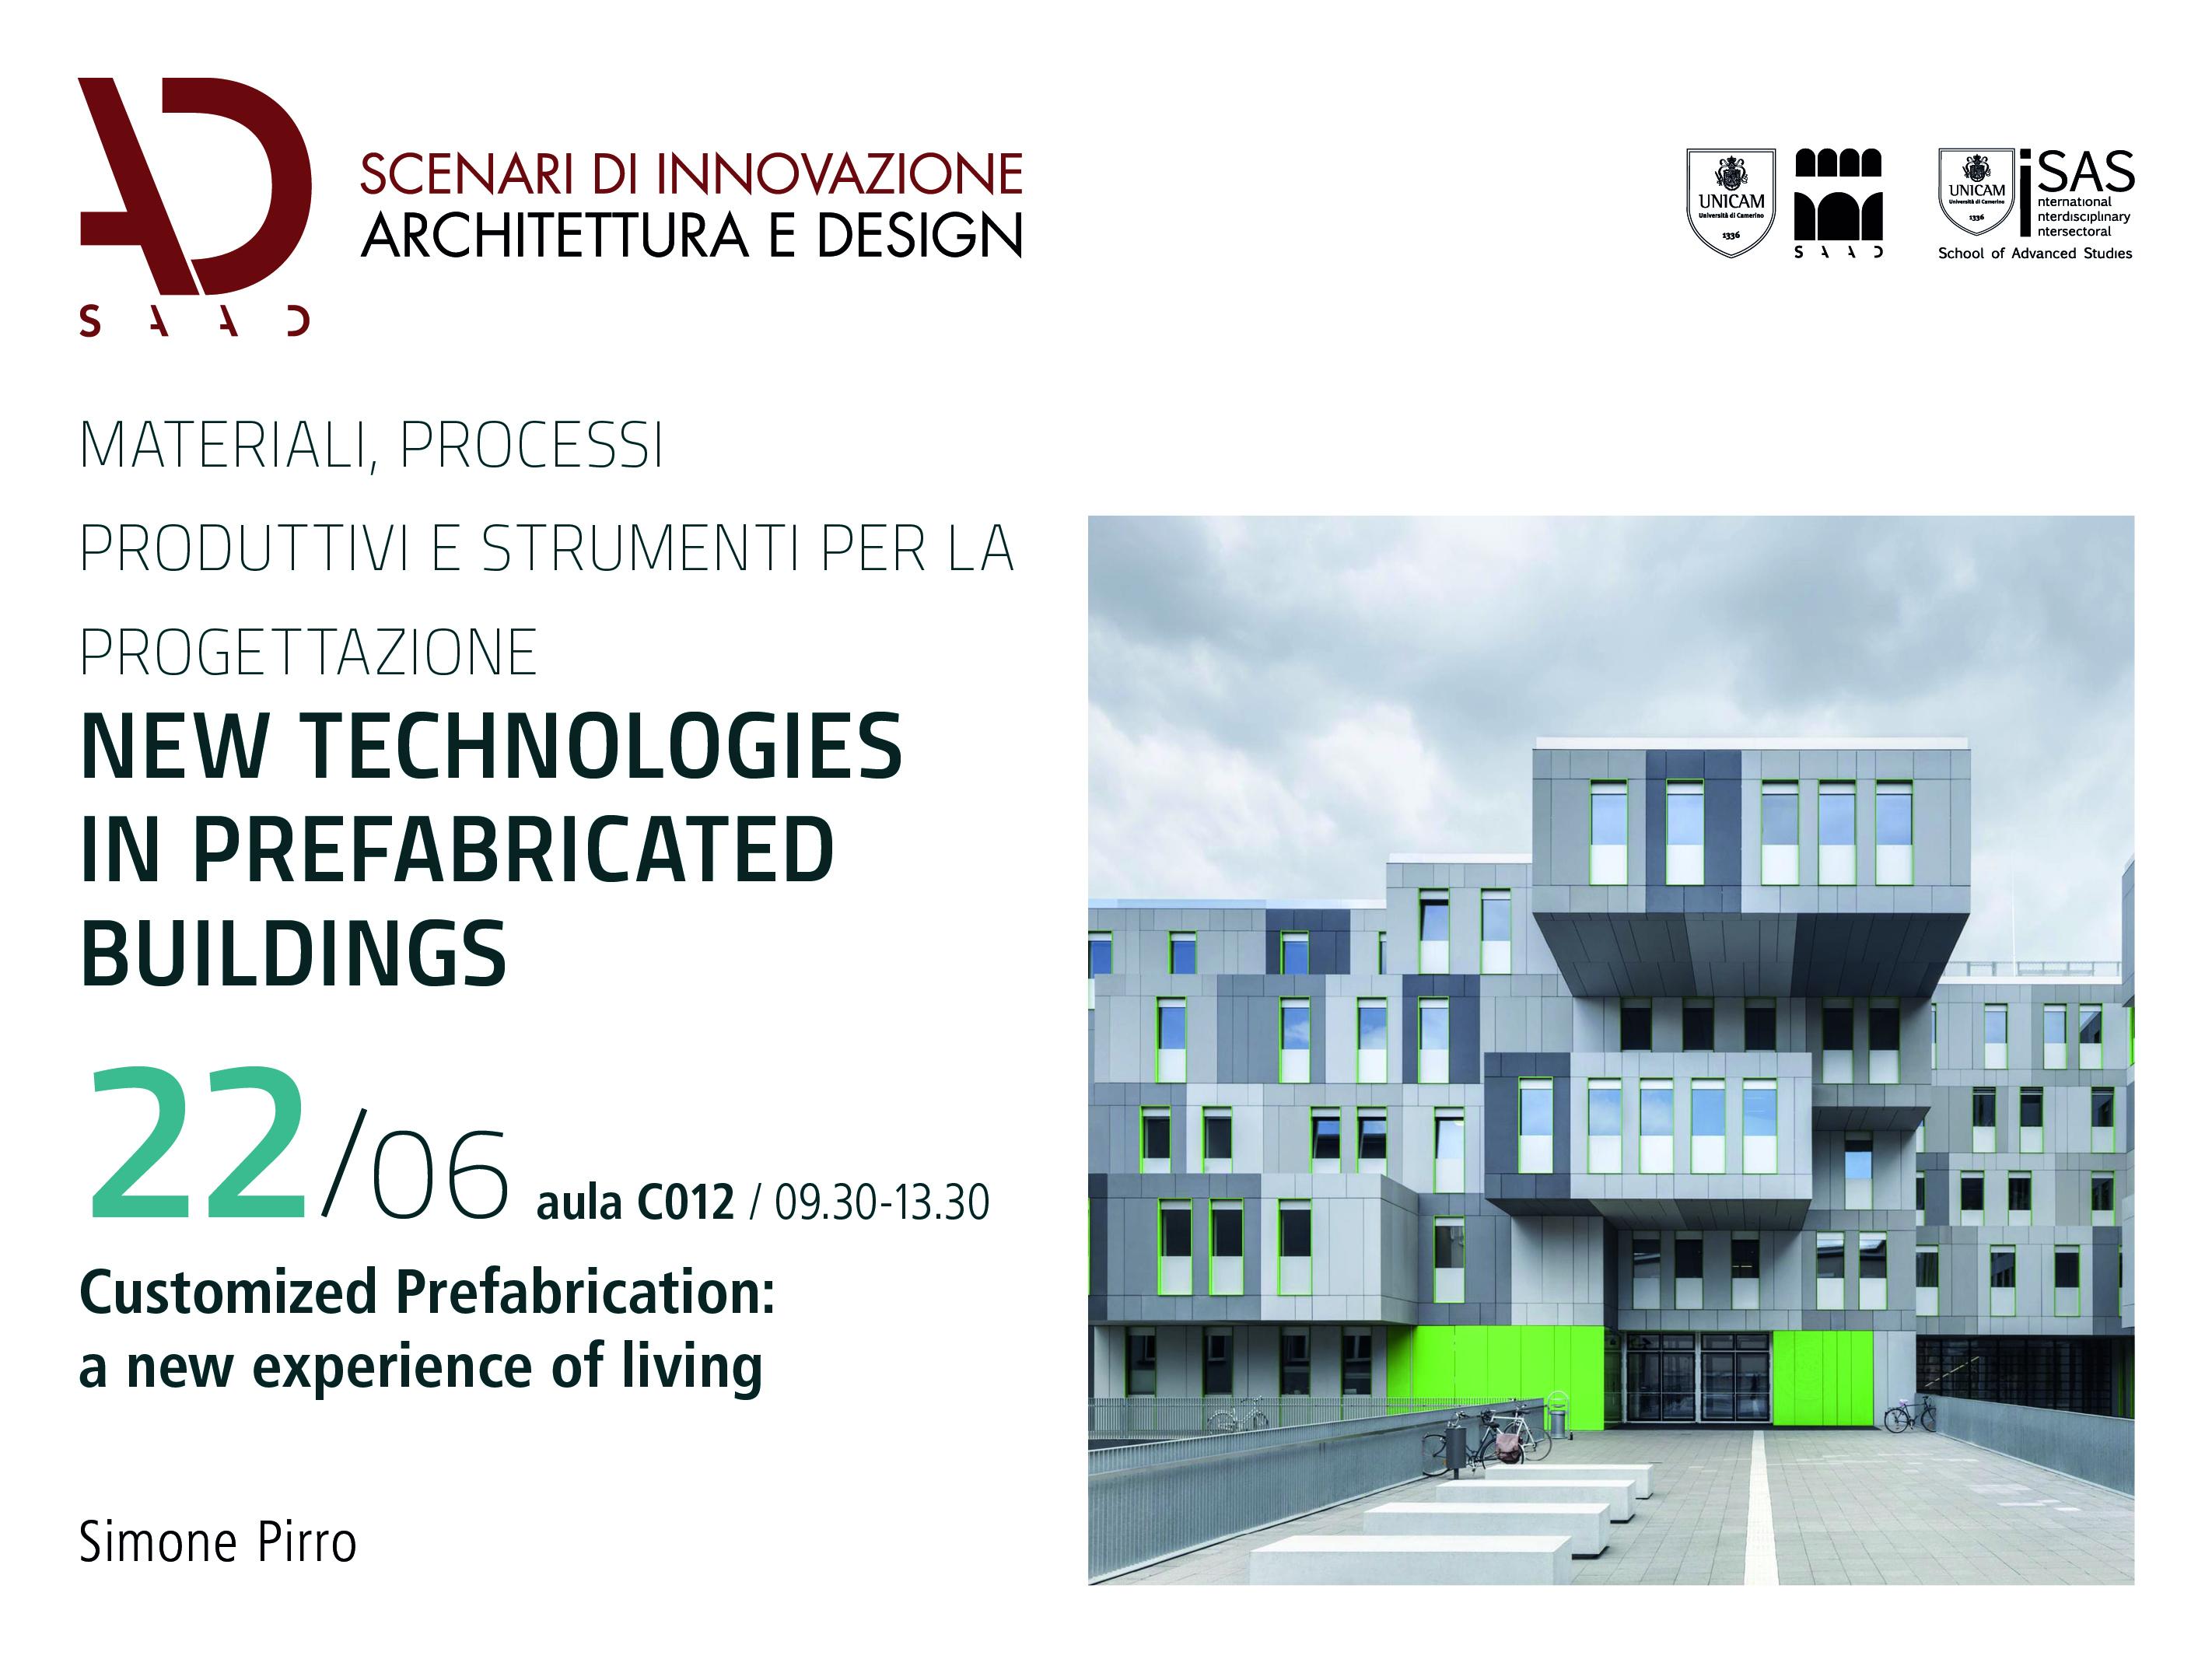 Architettura E Design cicli di seminari didattici _ scenari di innovazione